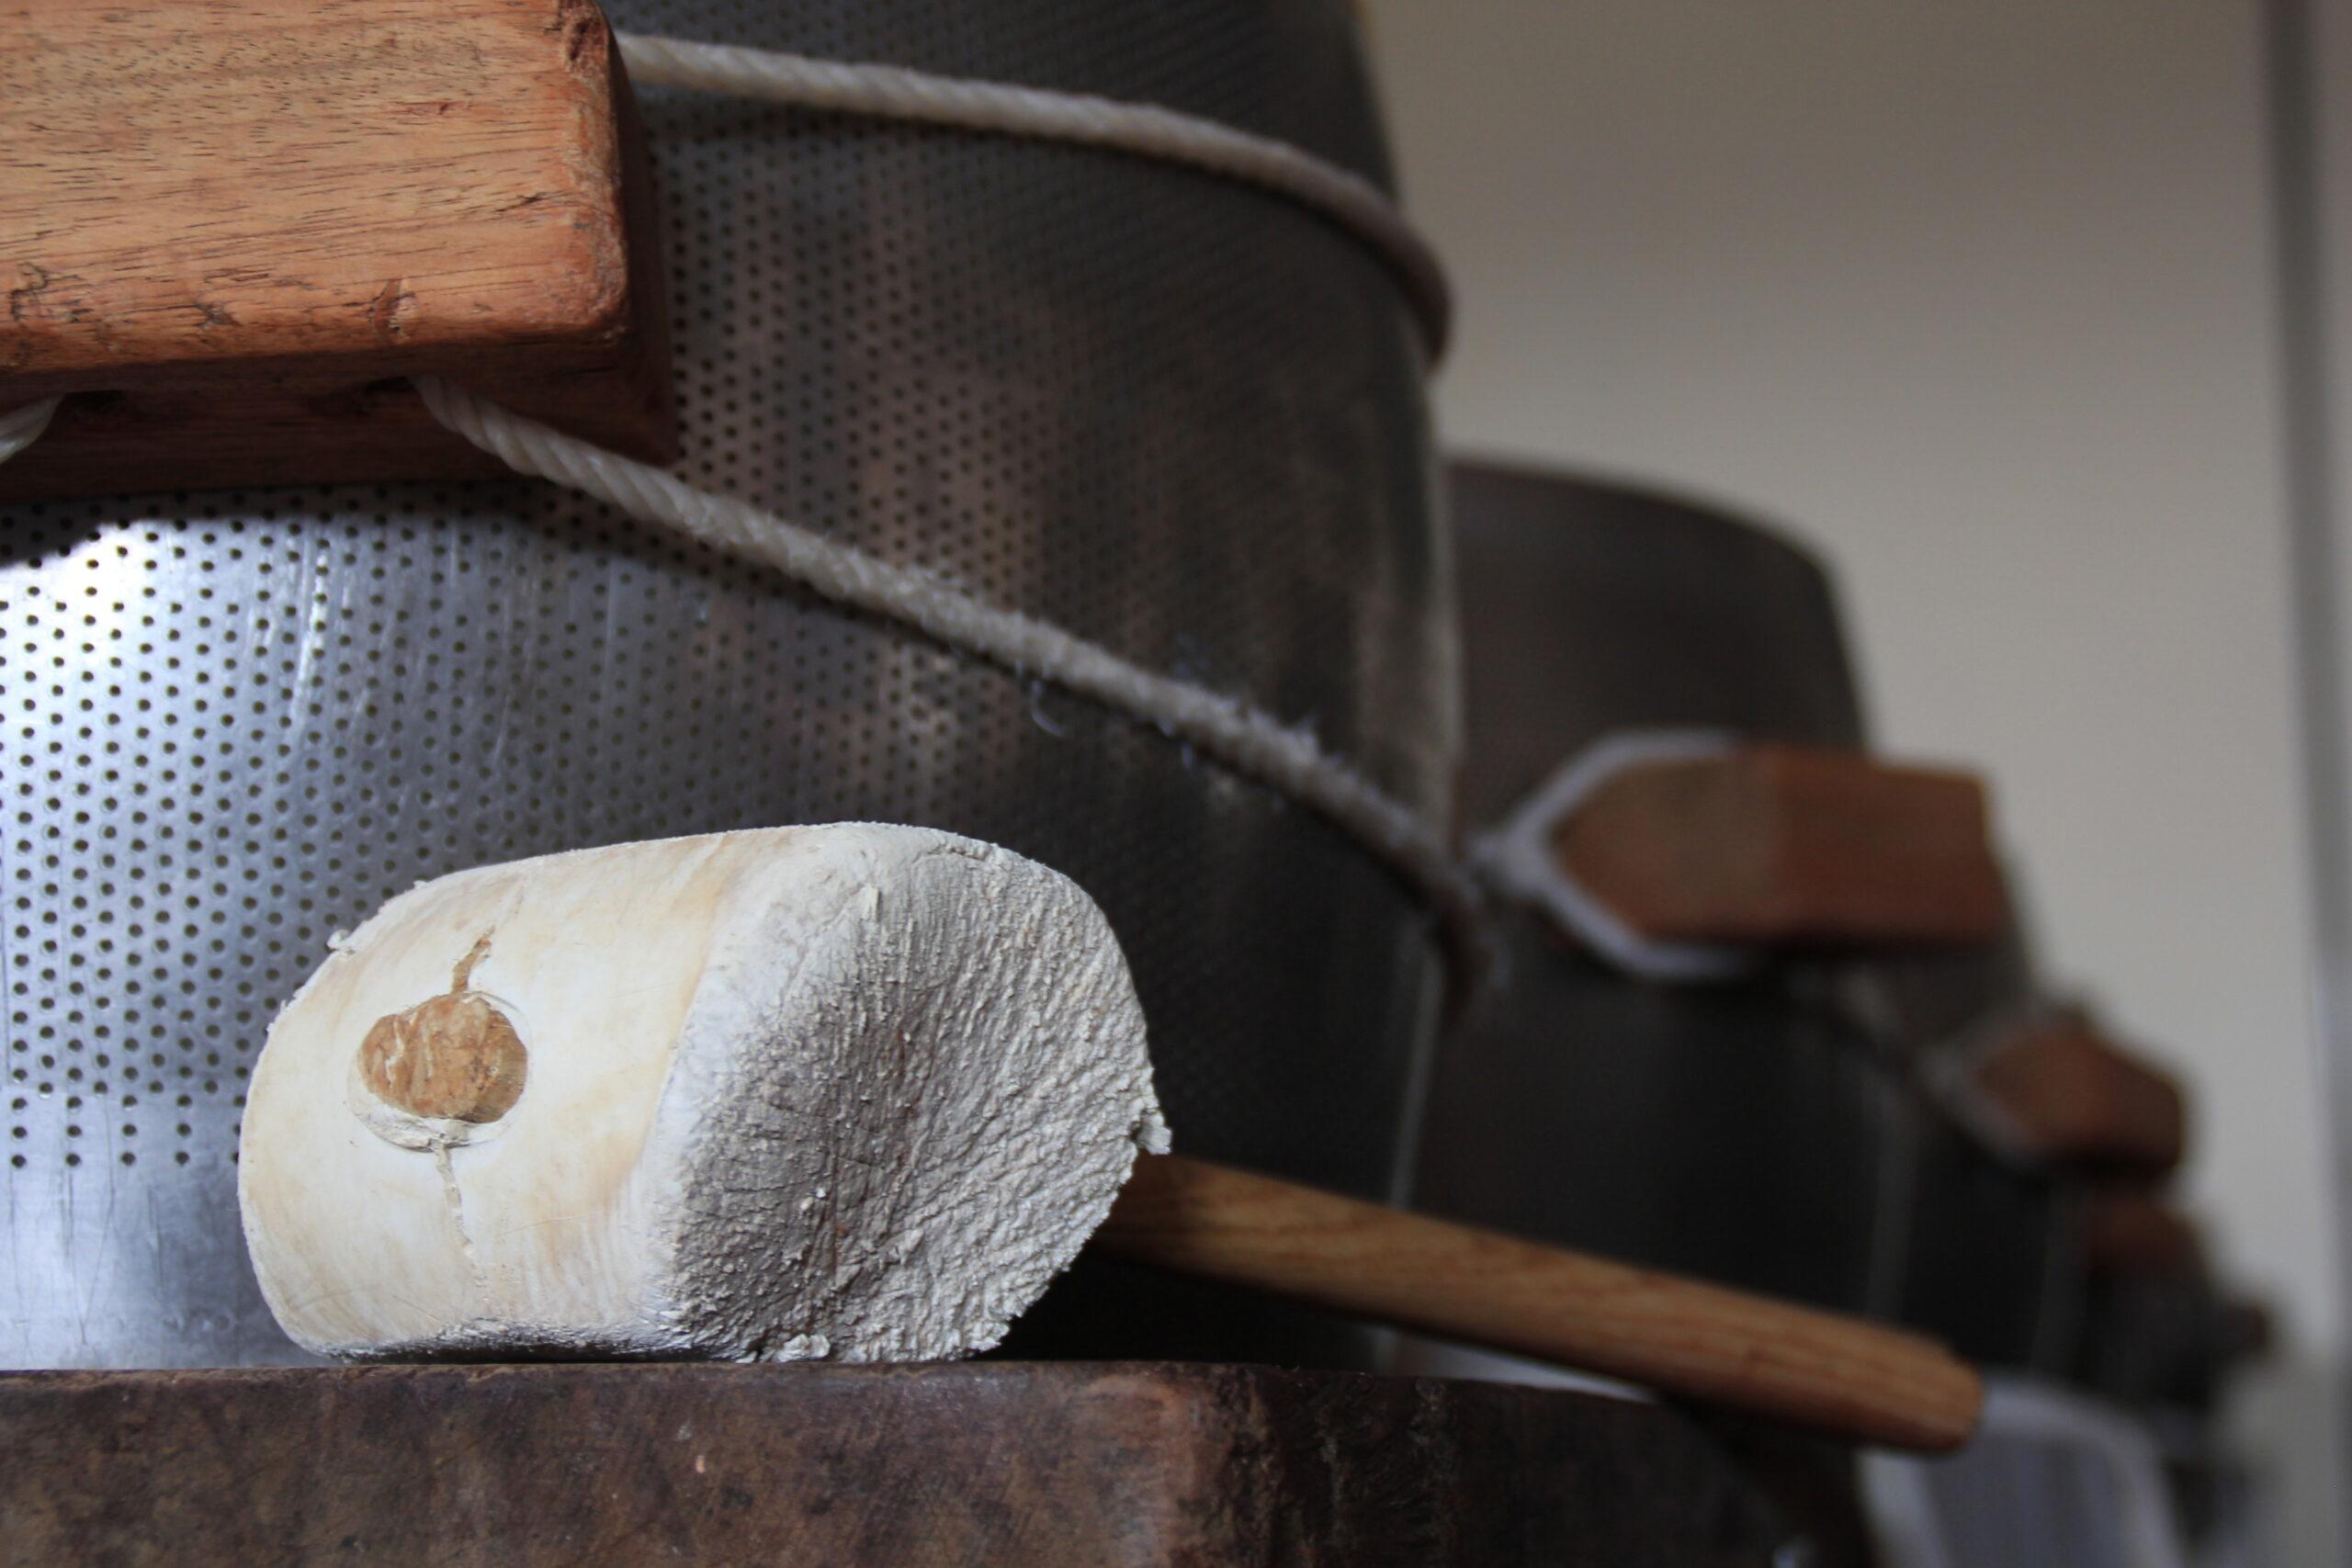 Parte del processo di produzione del Parmigiano Reggiano